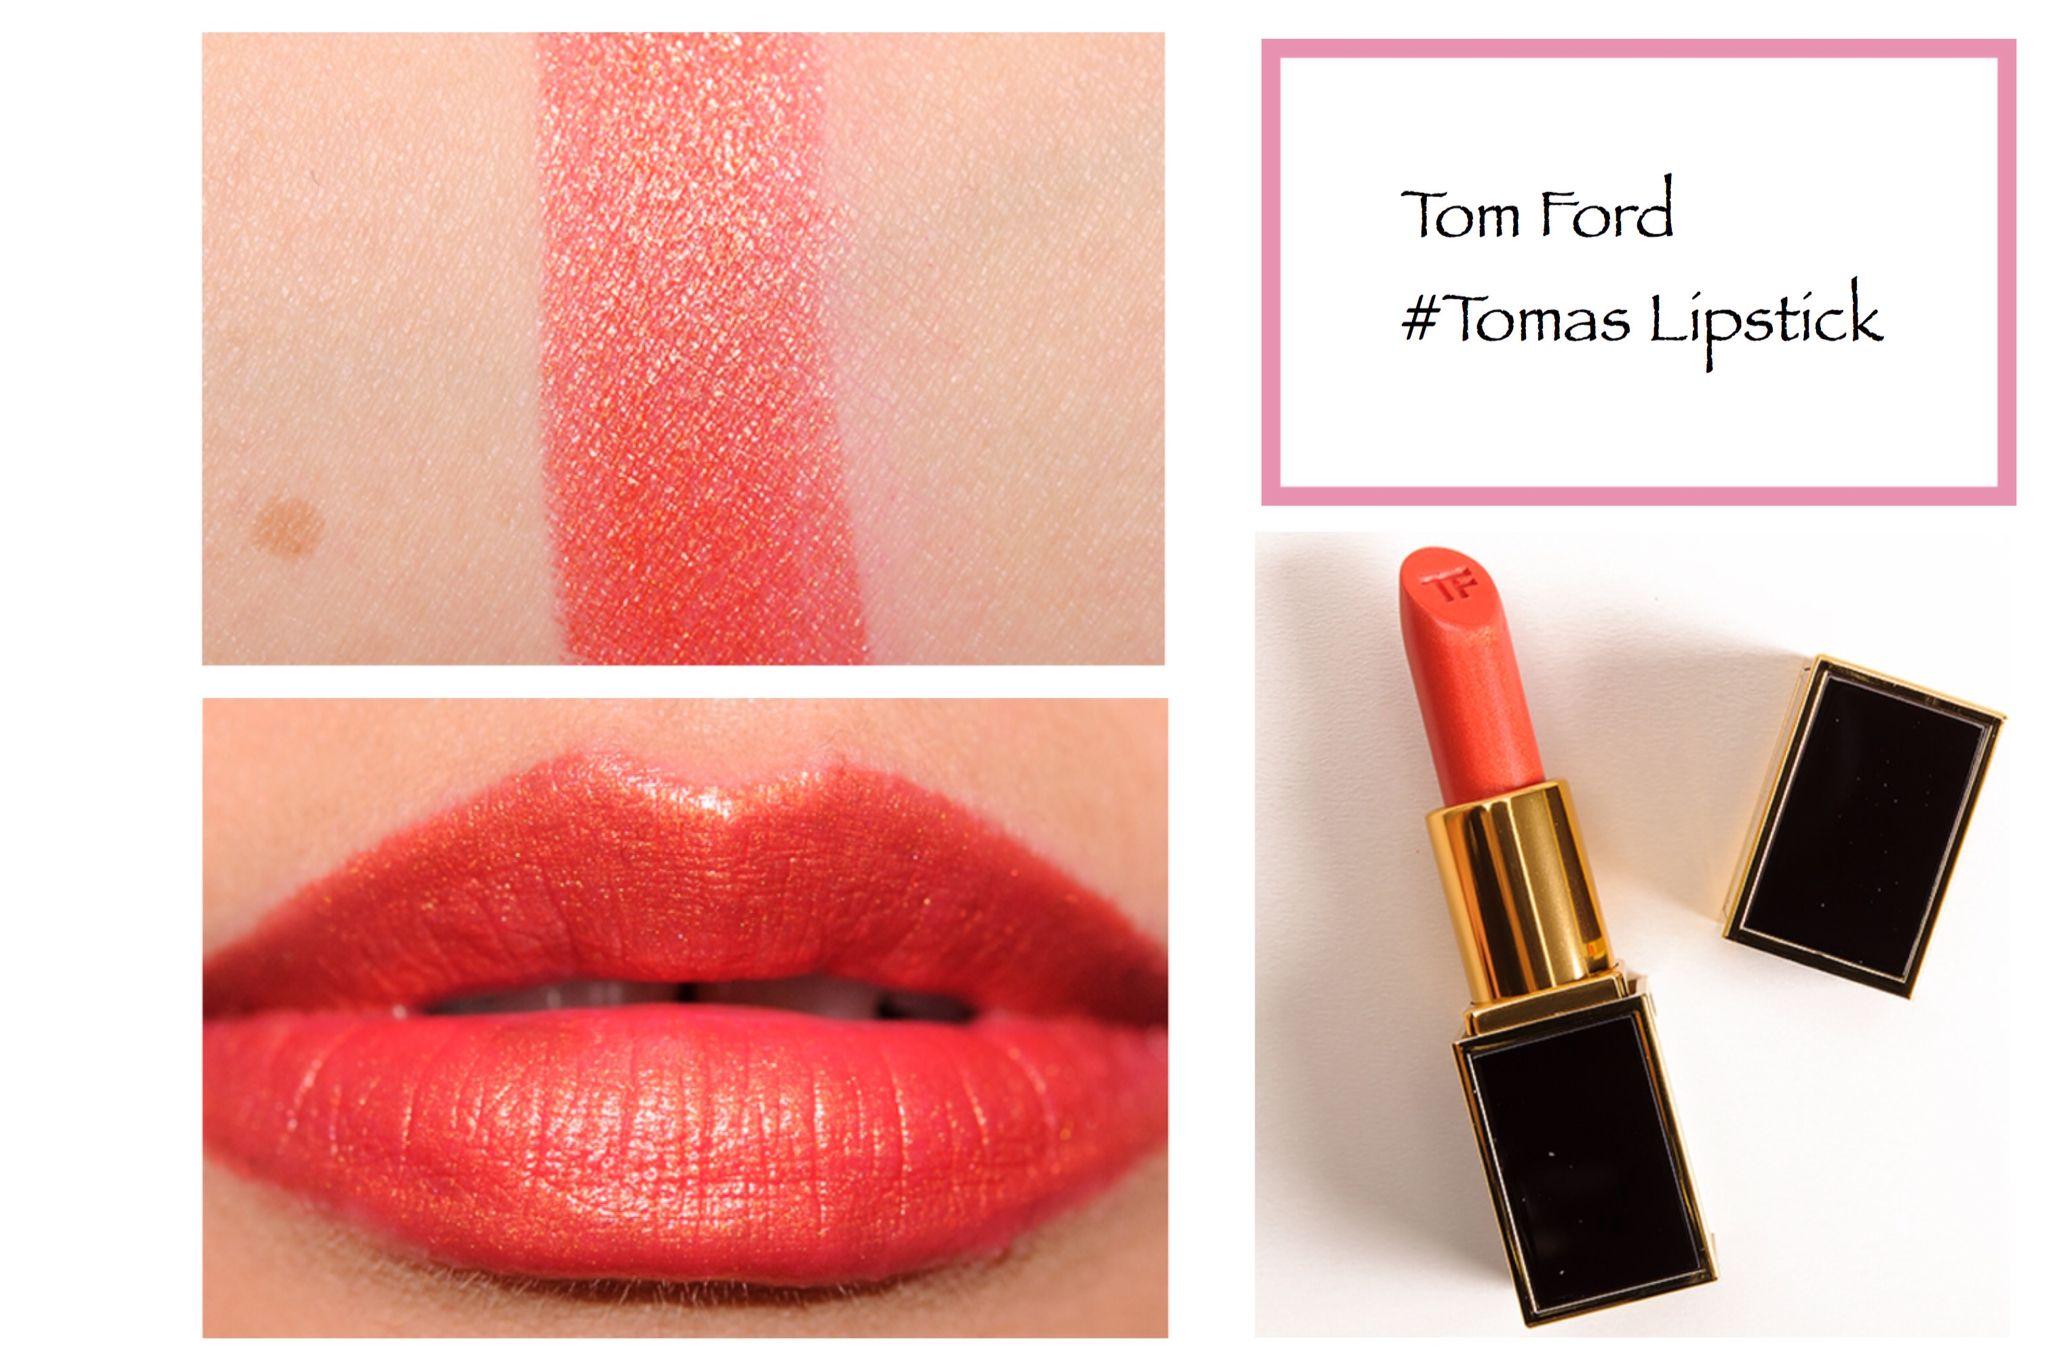 Tom Ford Tomas Lipstick